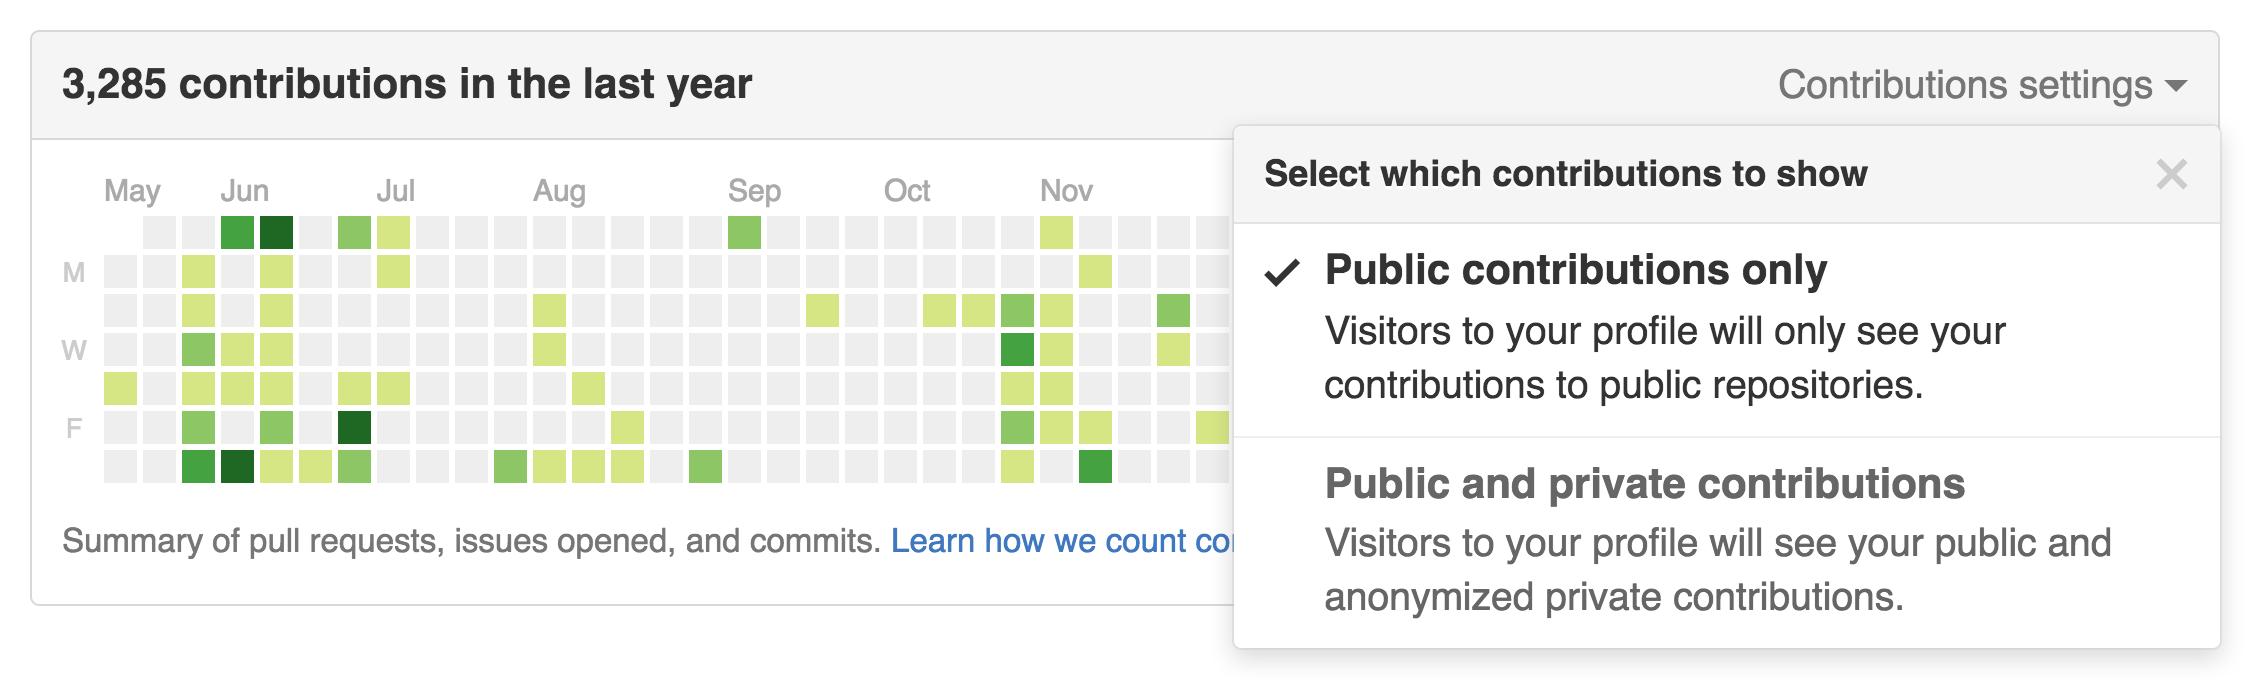 GitHub contribution graph settings